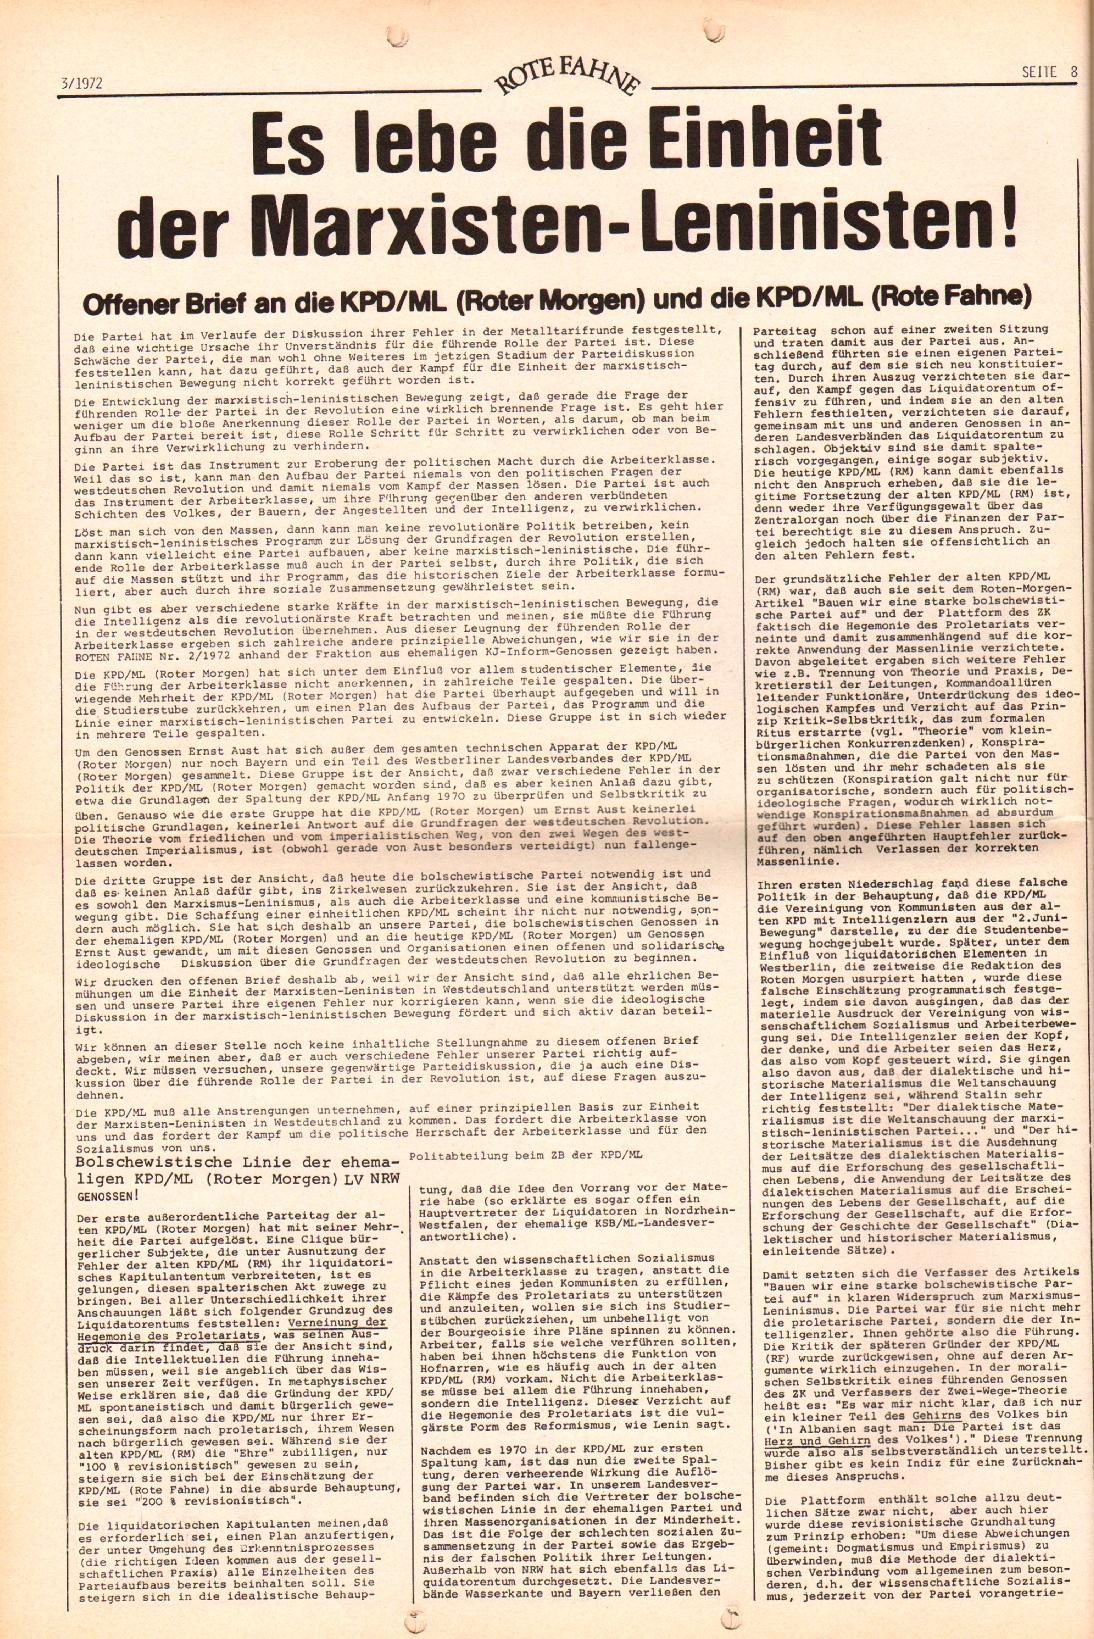 Rote Fahne, 3. Jg., 7.2.1972, Nr. 3, Seite 8